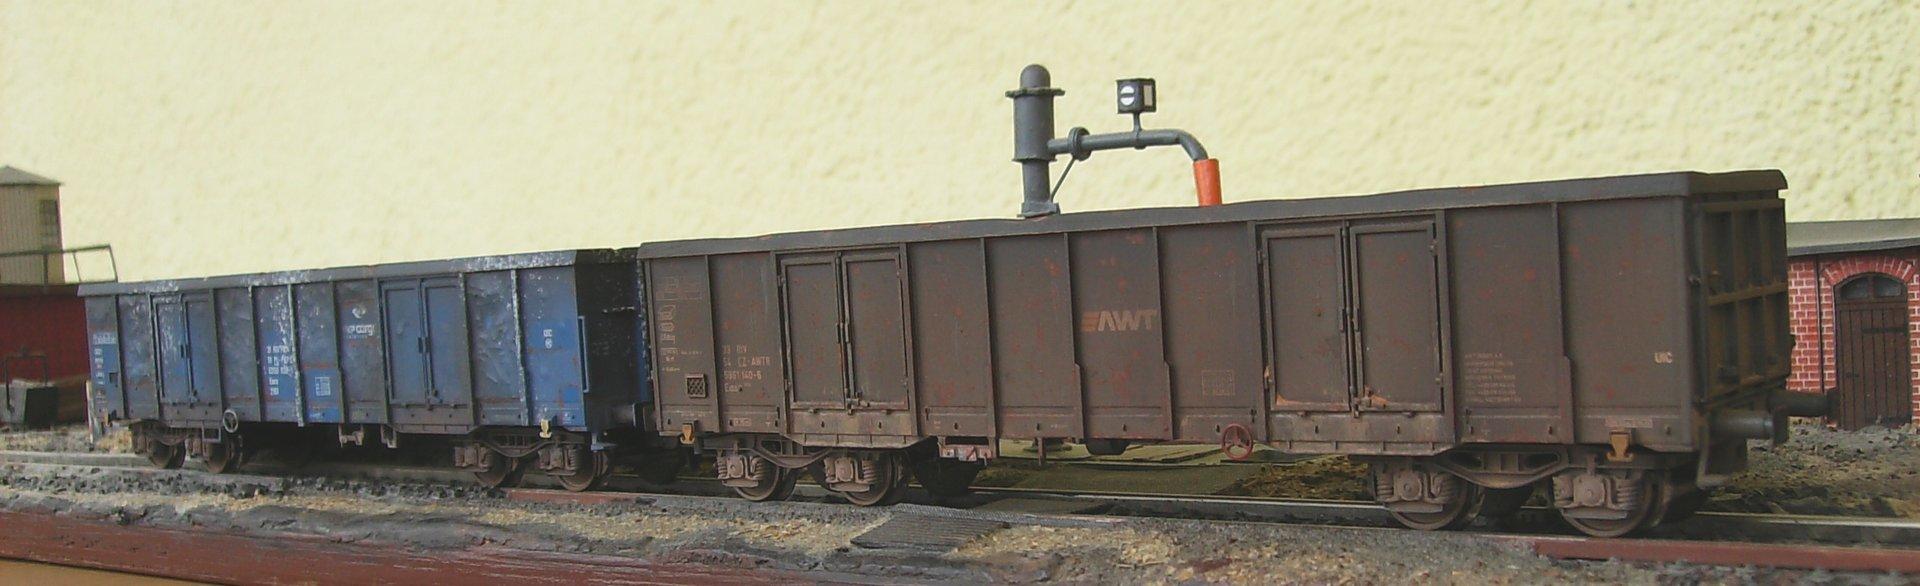 HPIM9479.JPG